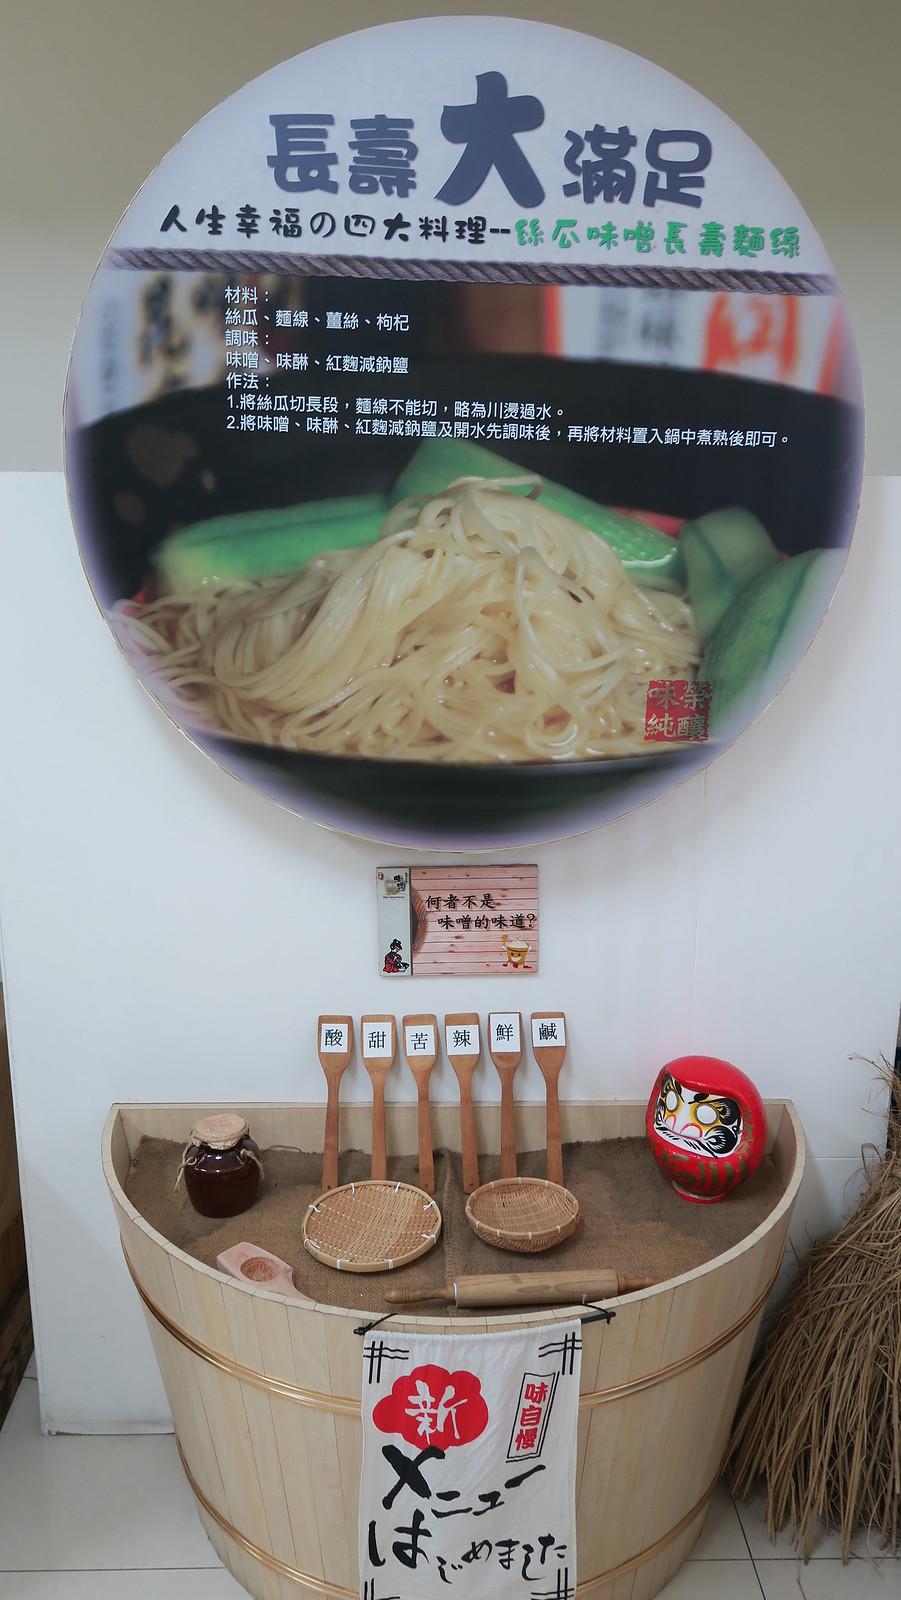 台中市豐原區味噌釀造文化館 (52)